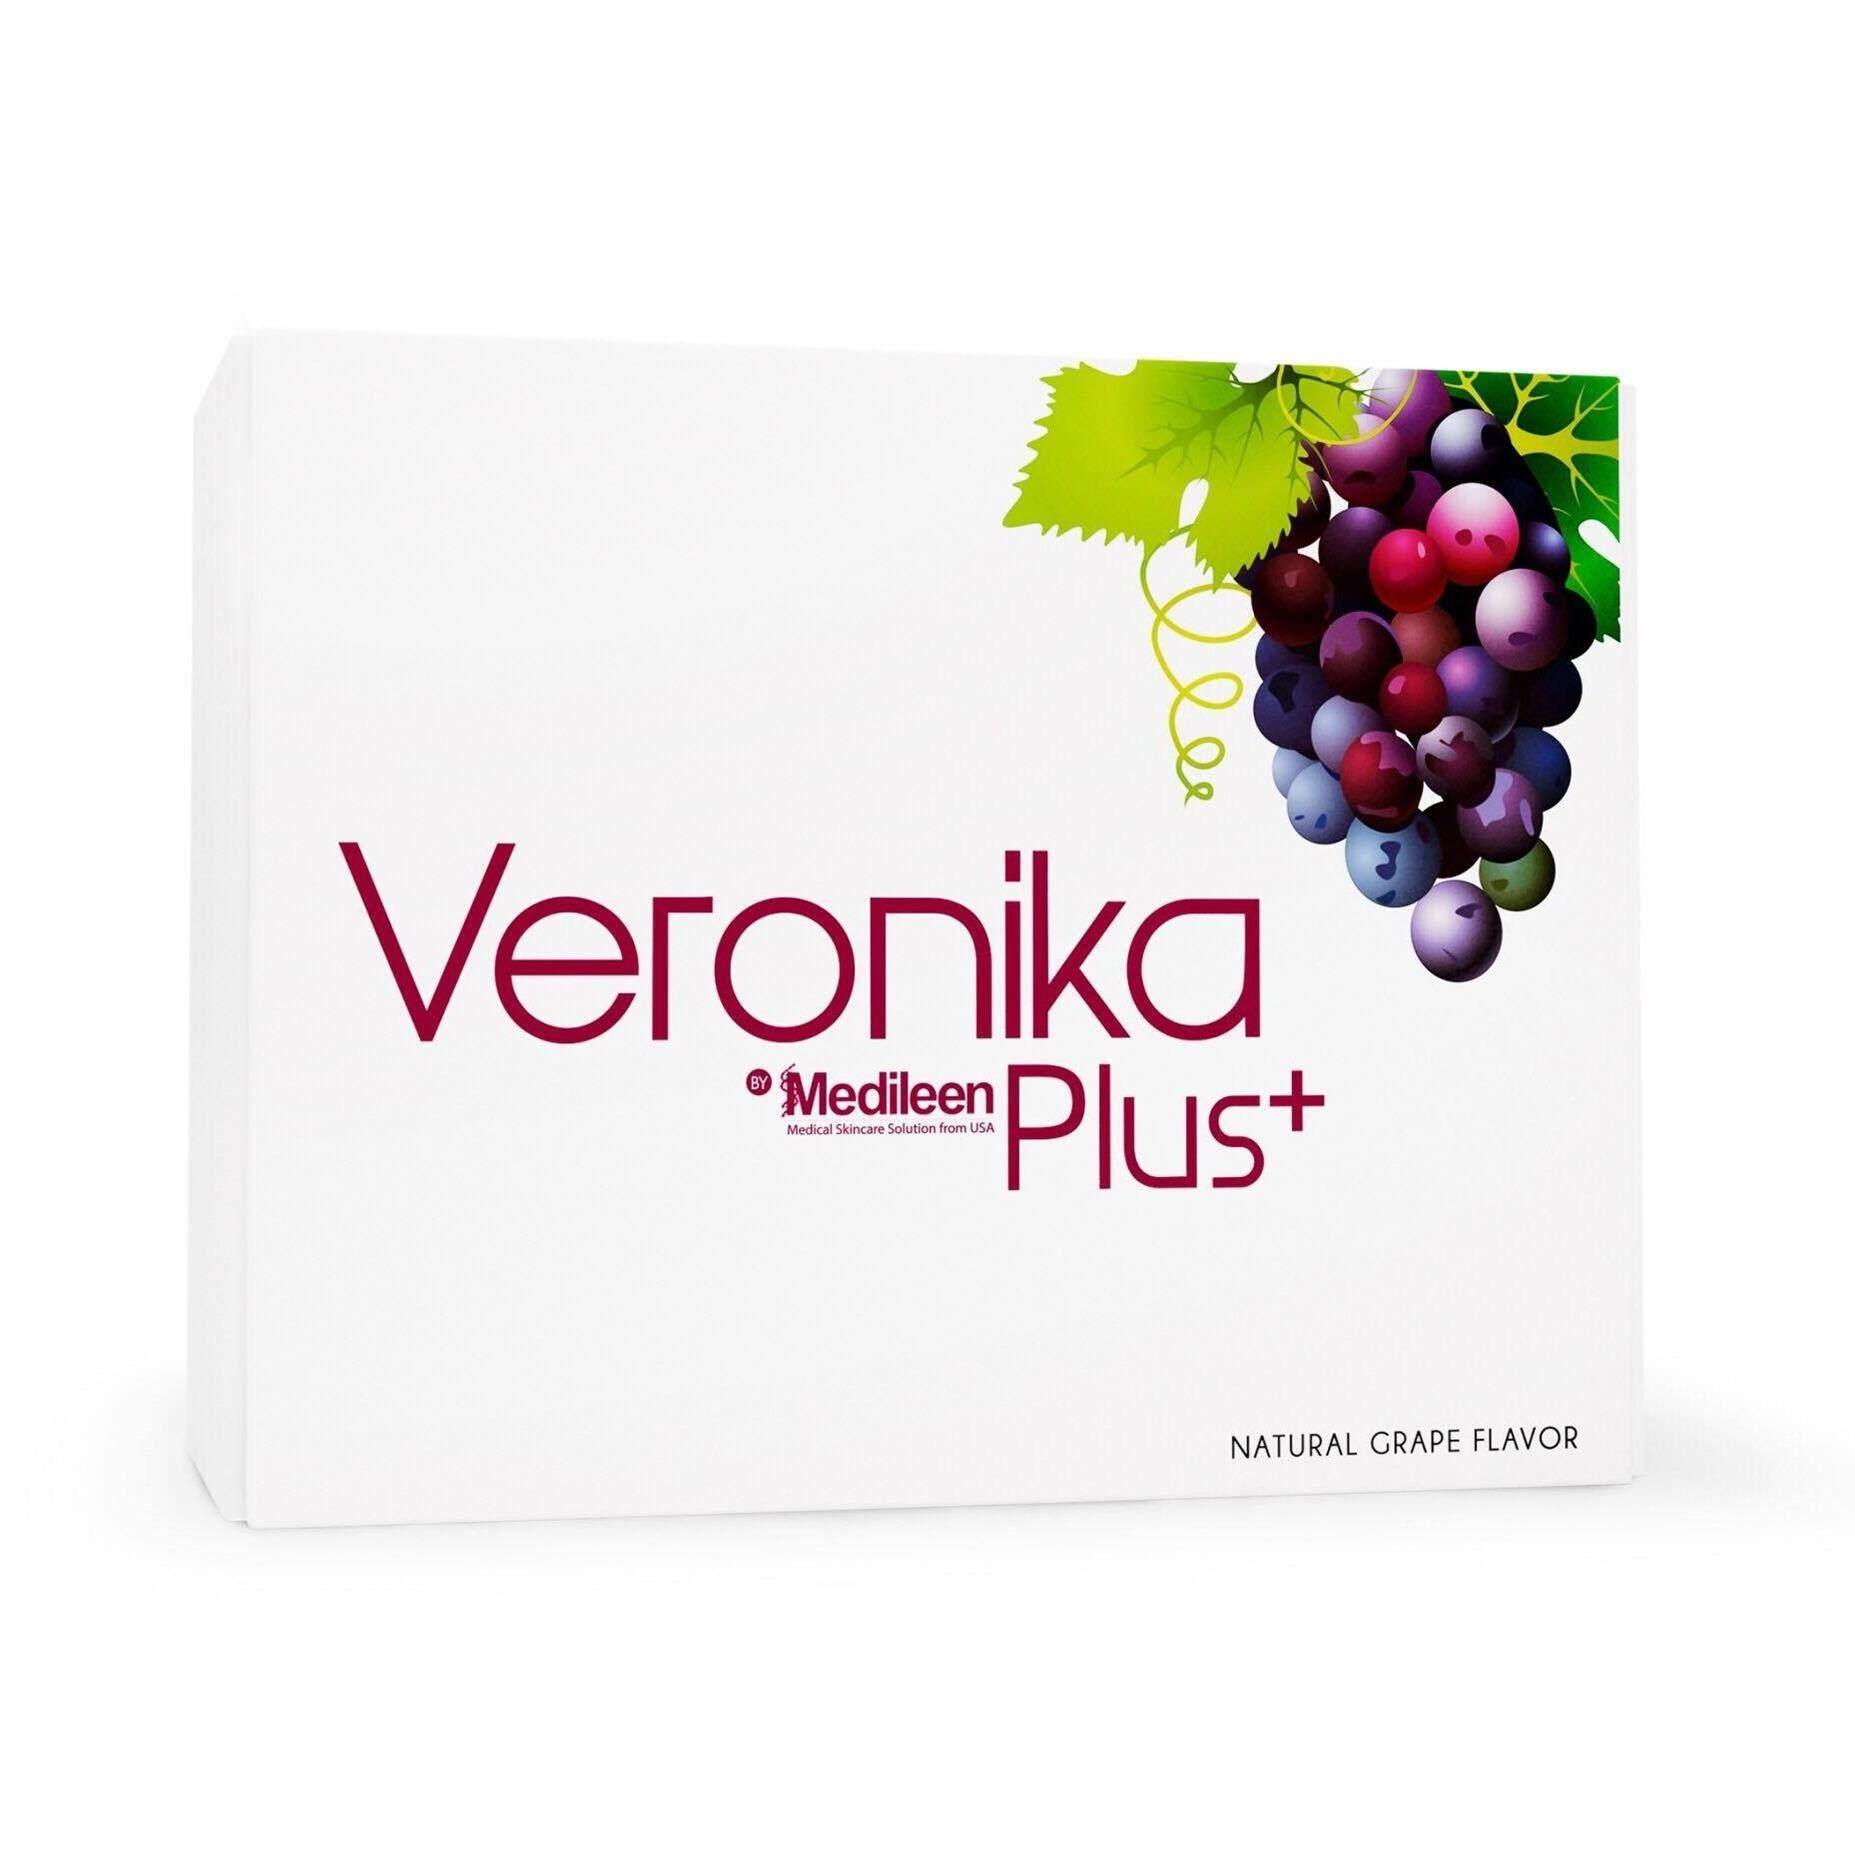 ขาย Veronika Plus อาหารเสริมผิวสวยสูตรใหม่ล่าสุด 1กล่อง บรรจุ30ซอง Veronika เป็นต้นฉบับ